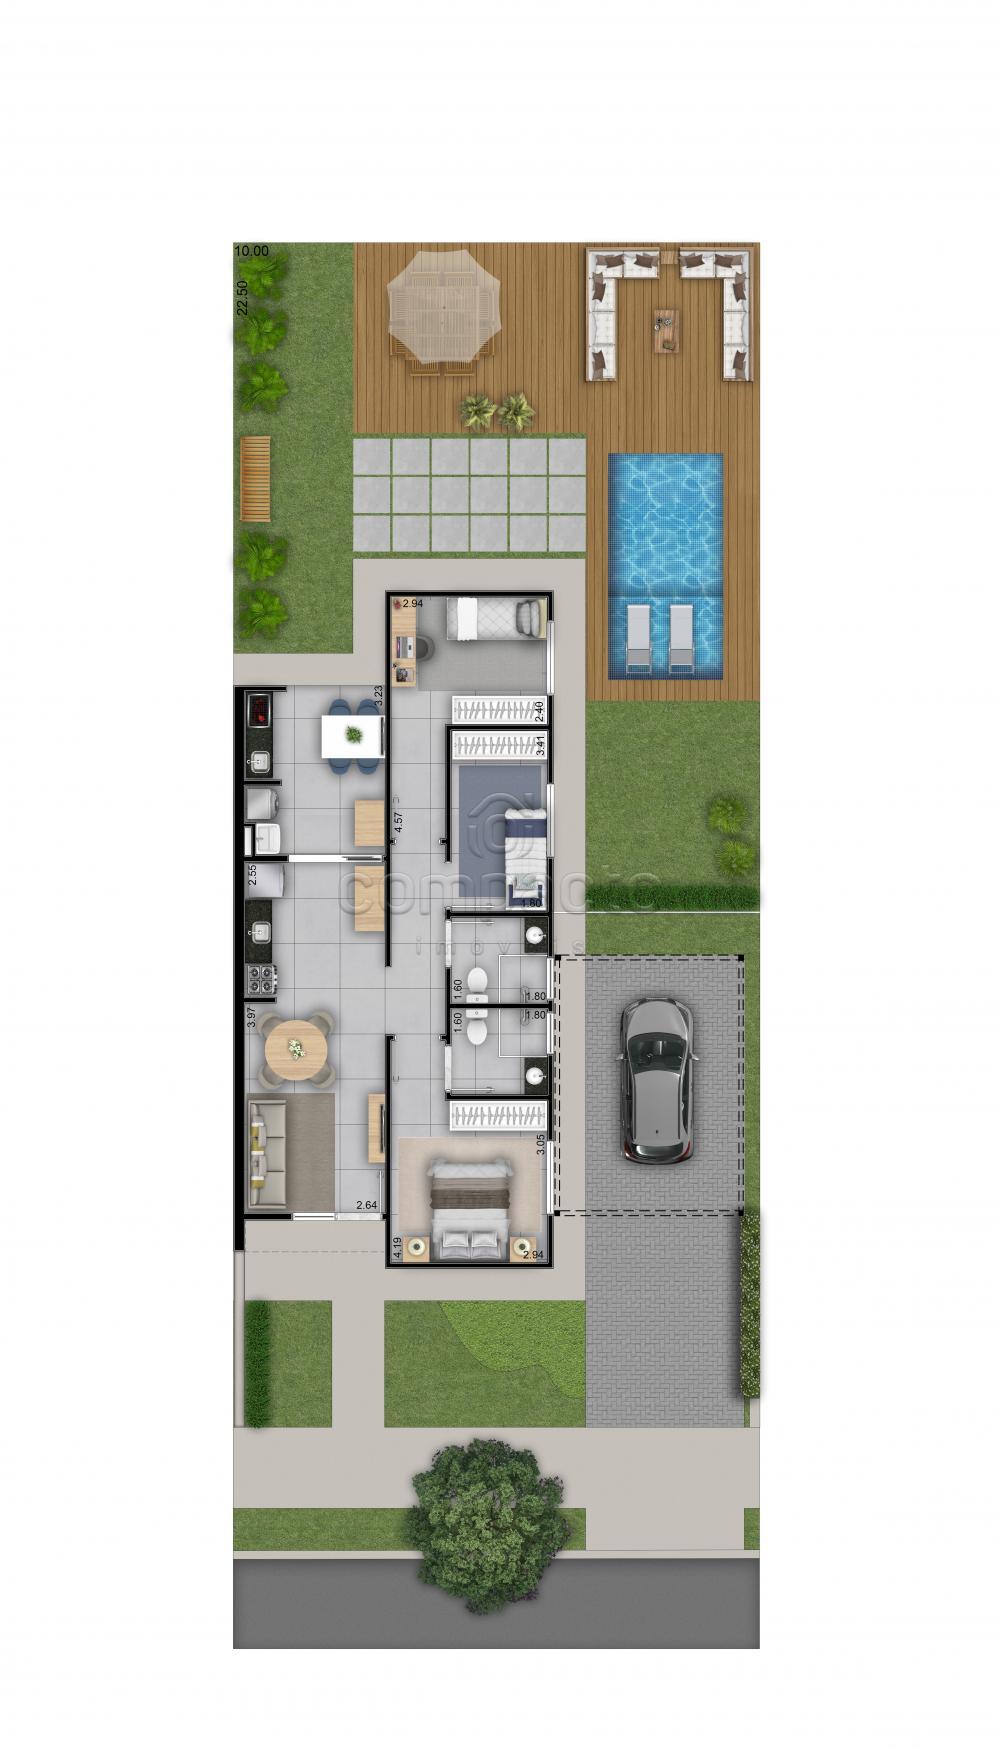 Comprar Casa / Condomínio em São José do Rio Preto apenas R$ 334.000,00 - Foto 5